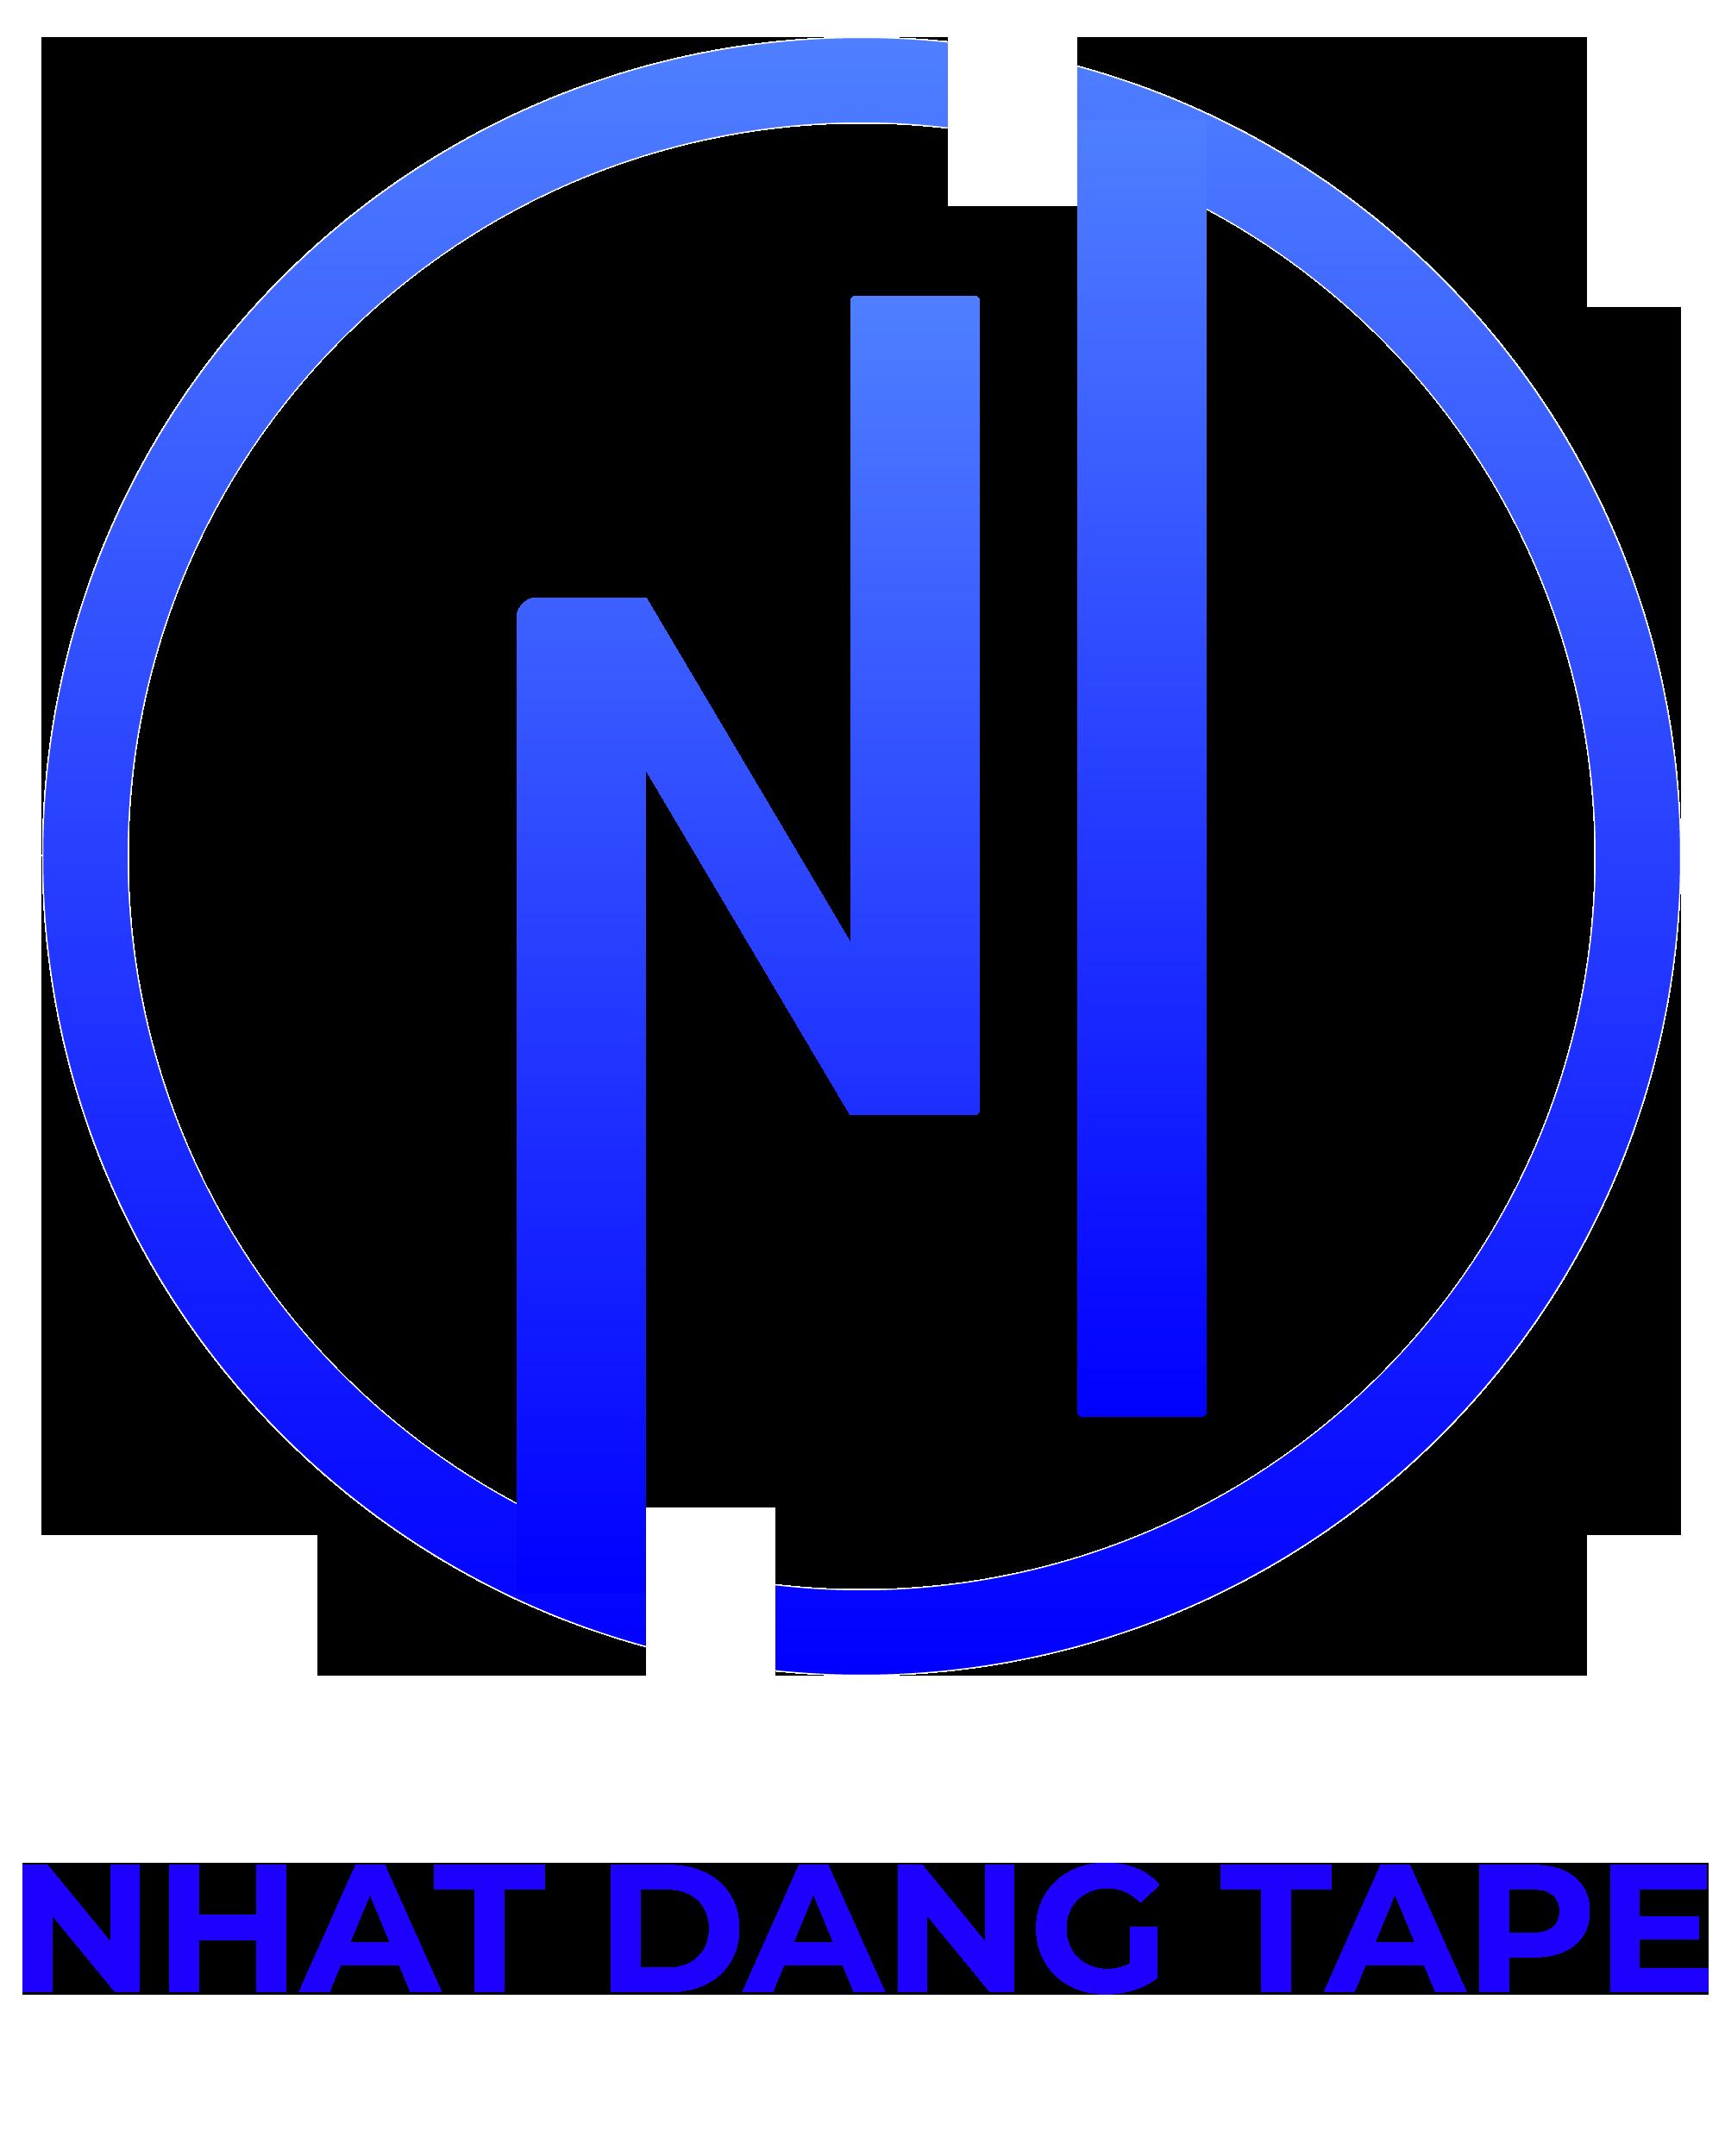 Nhất Đẳng Tape